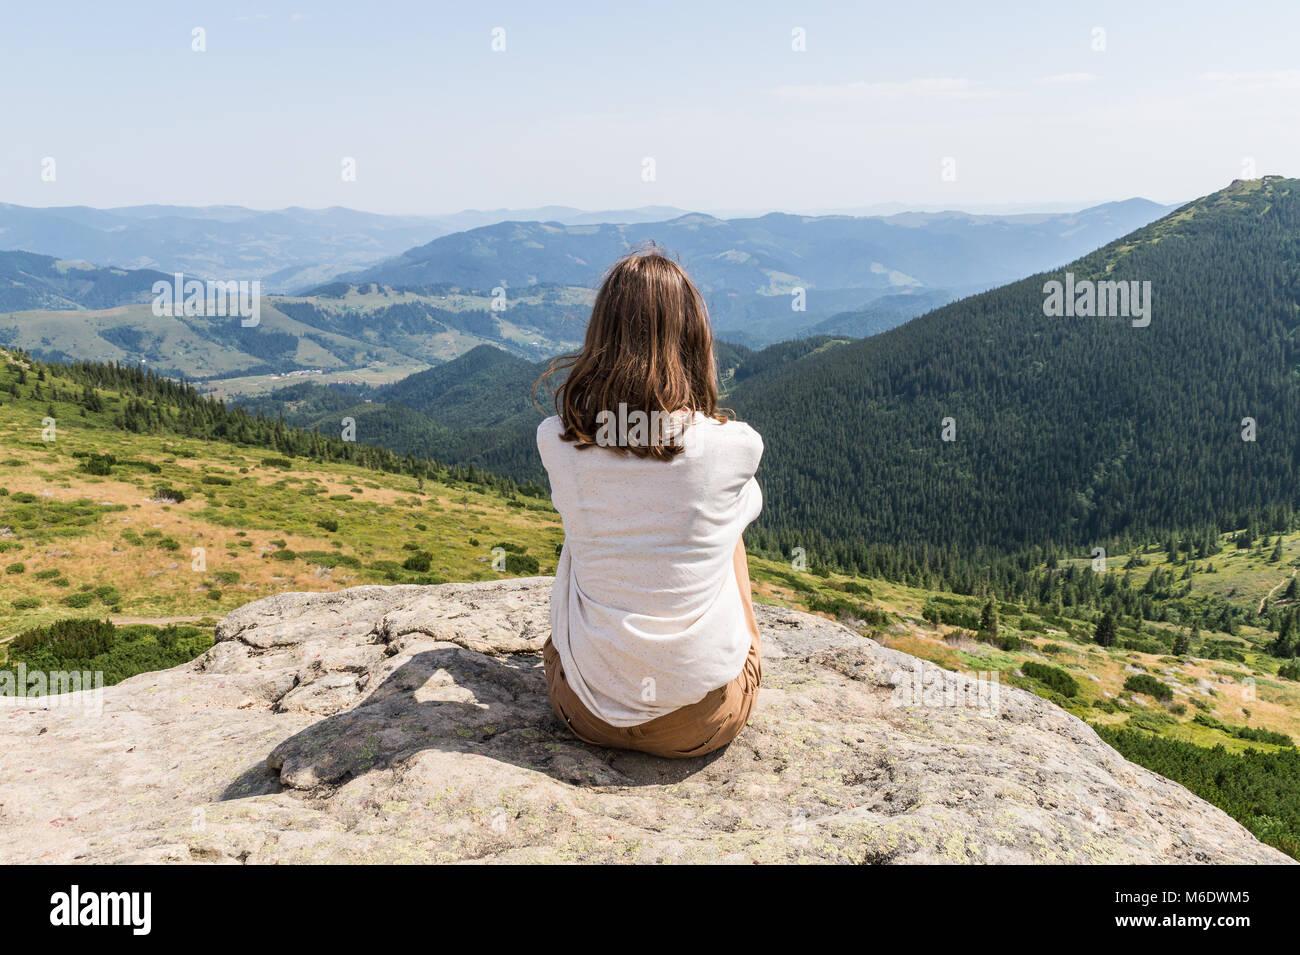 Ragazza turista gode di splendidi paesaggi del paesaggio nelle calde giornate di sole Immagini Stock